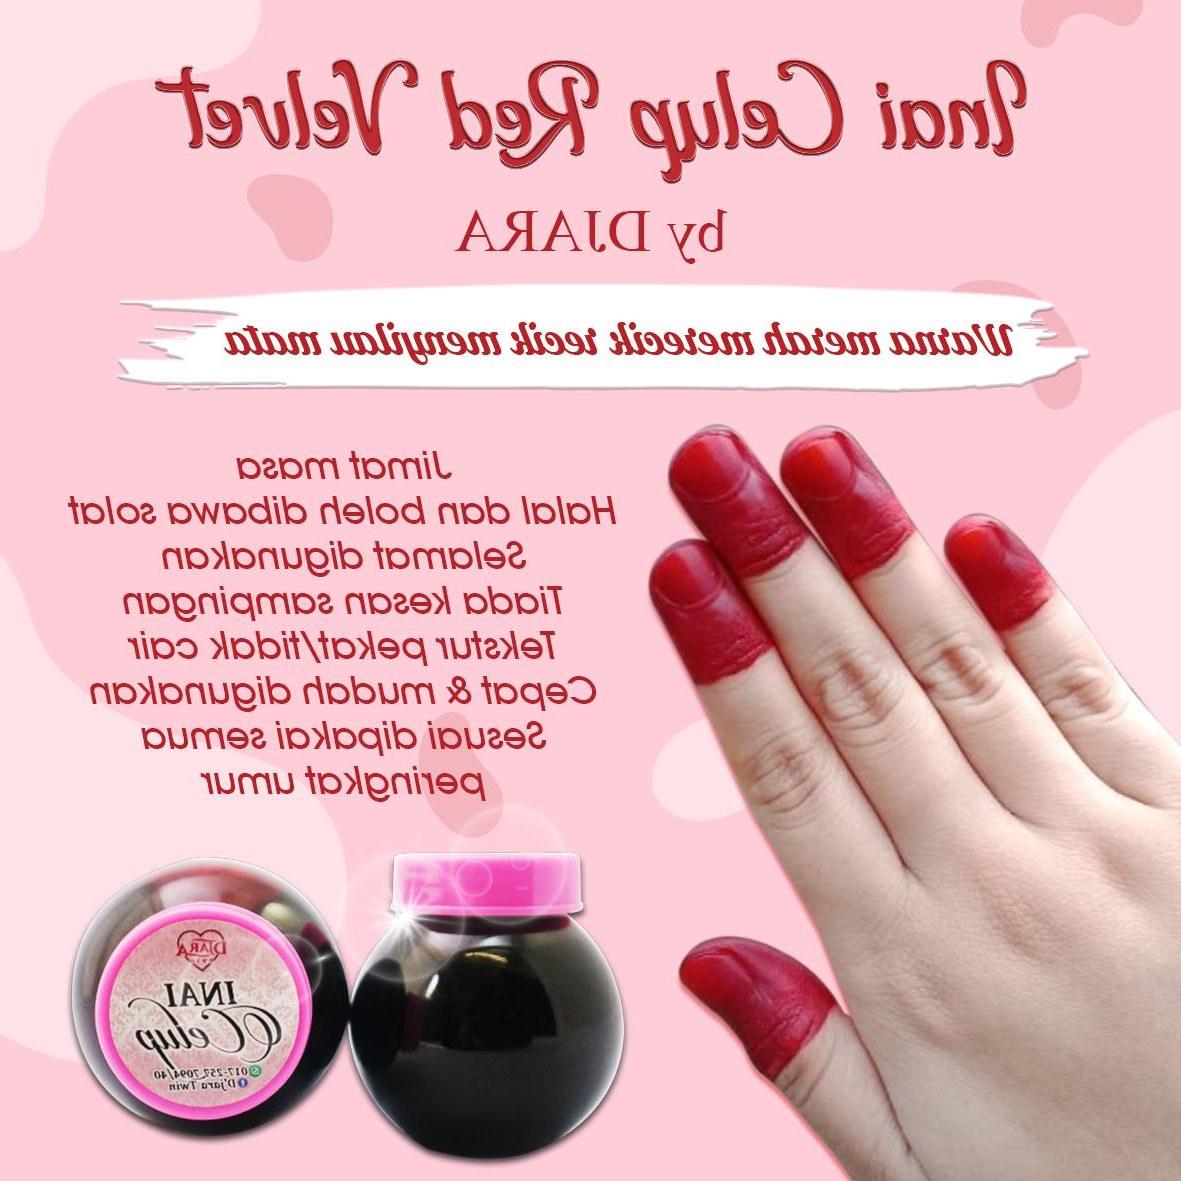 Contoh Gaun Pengantin Muslimah Warna Pink Budm Inai Celup Merah Menyala